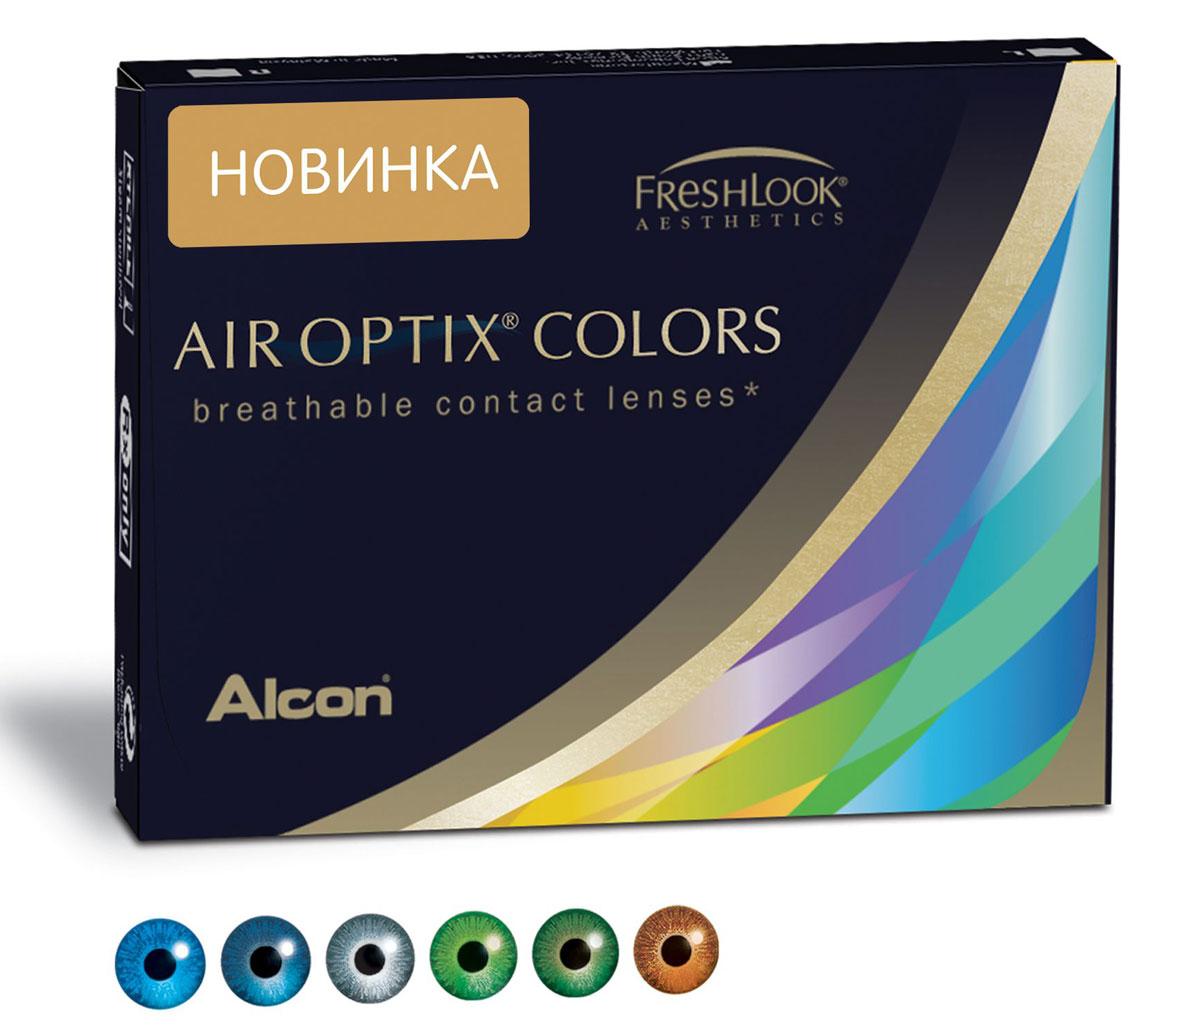 Аlcon контактные линзы Air Optix Colors 2 шт -0.75 GreenФМ000003862Мягкие контактные линзыКонтактные линзы или очки: советы офтальмологов. Статья OZON Гид